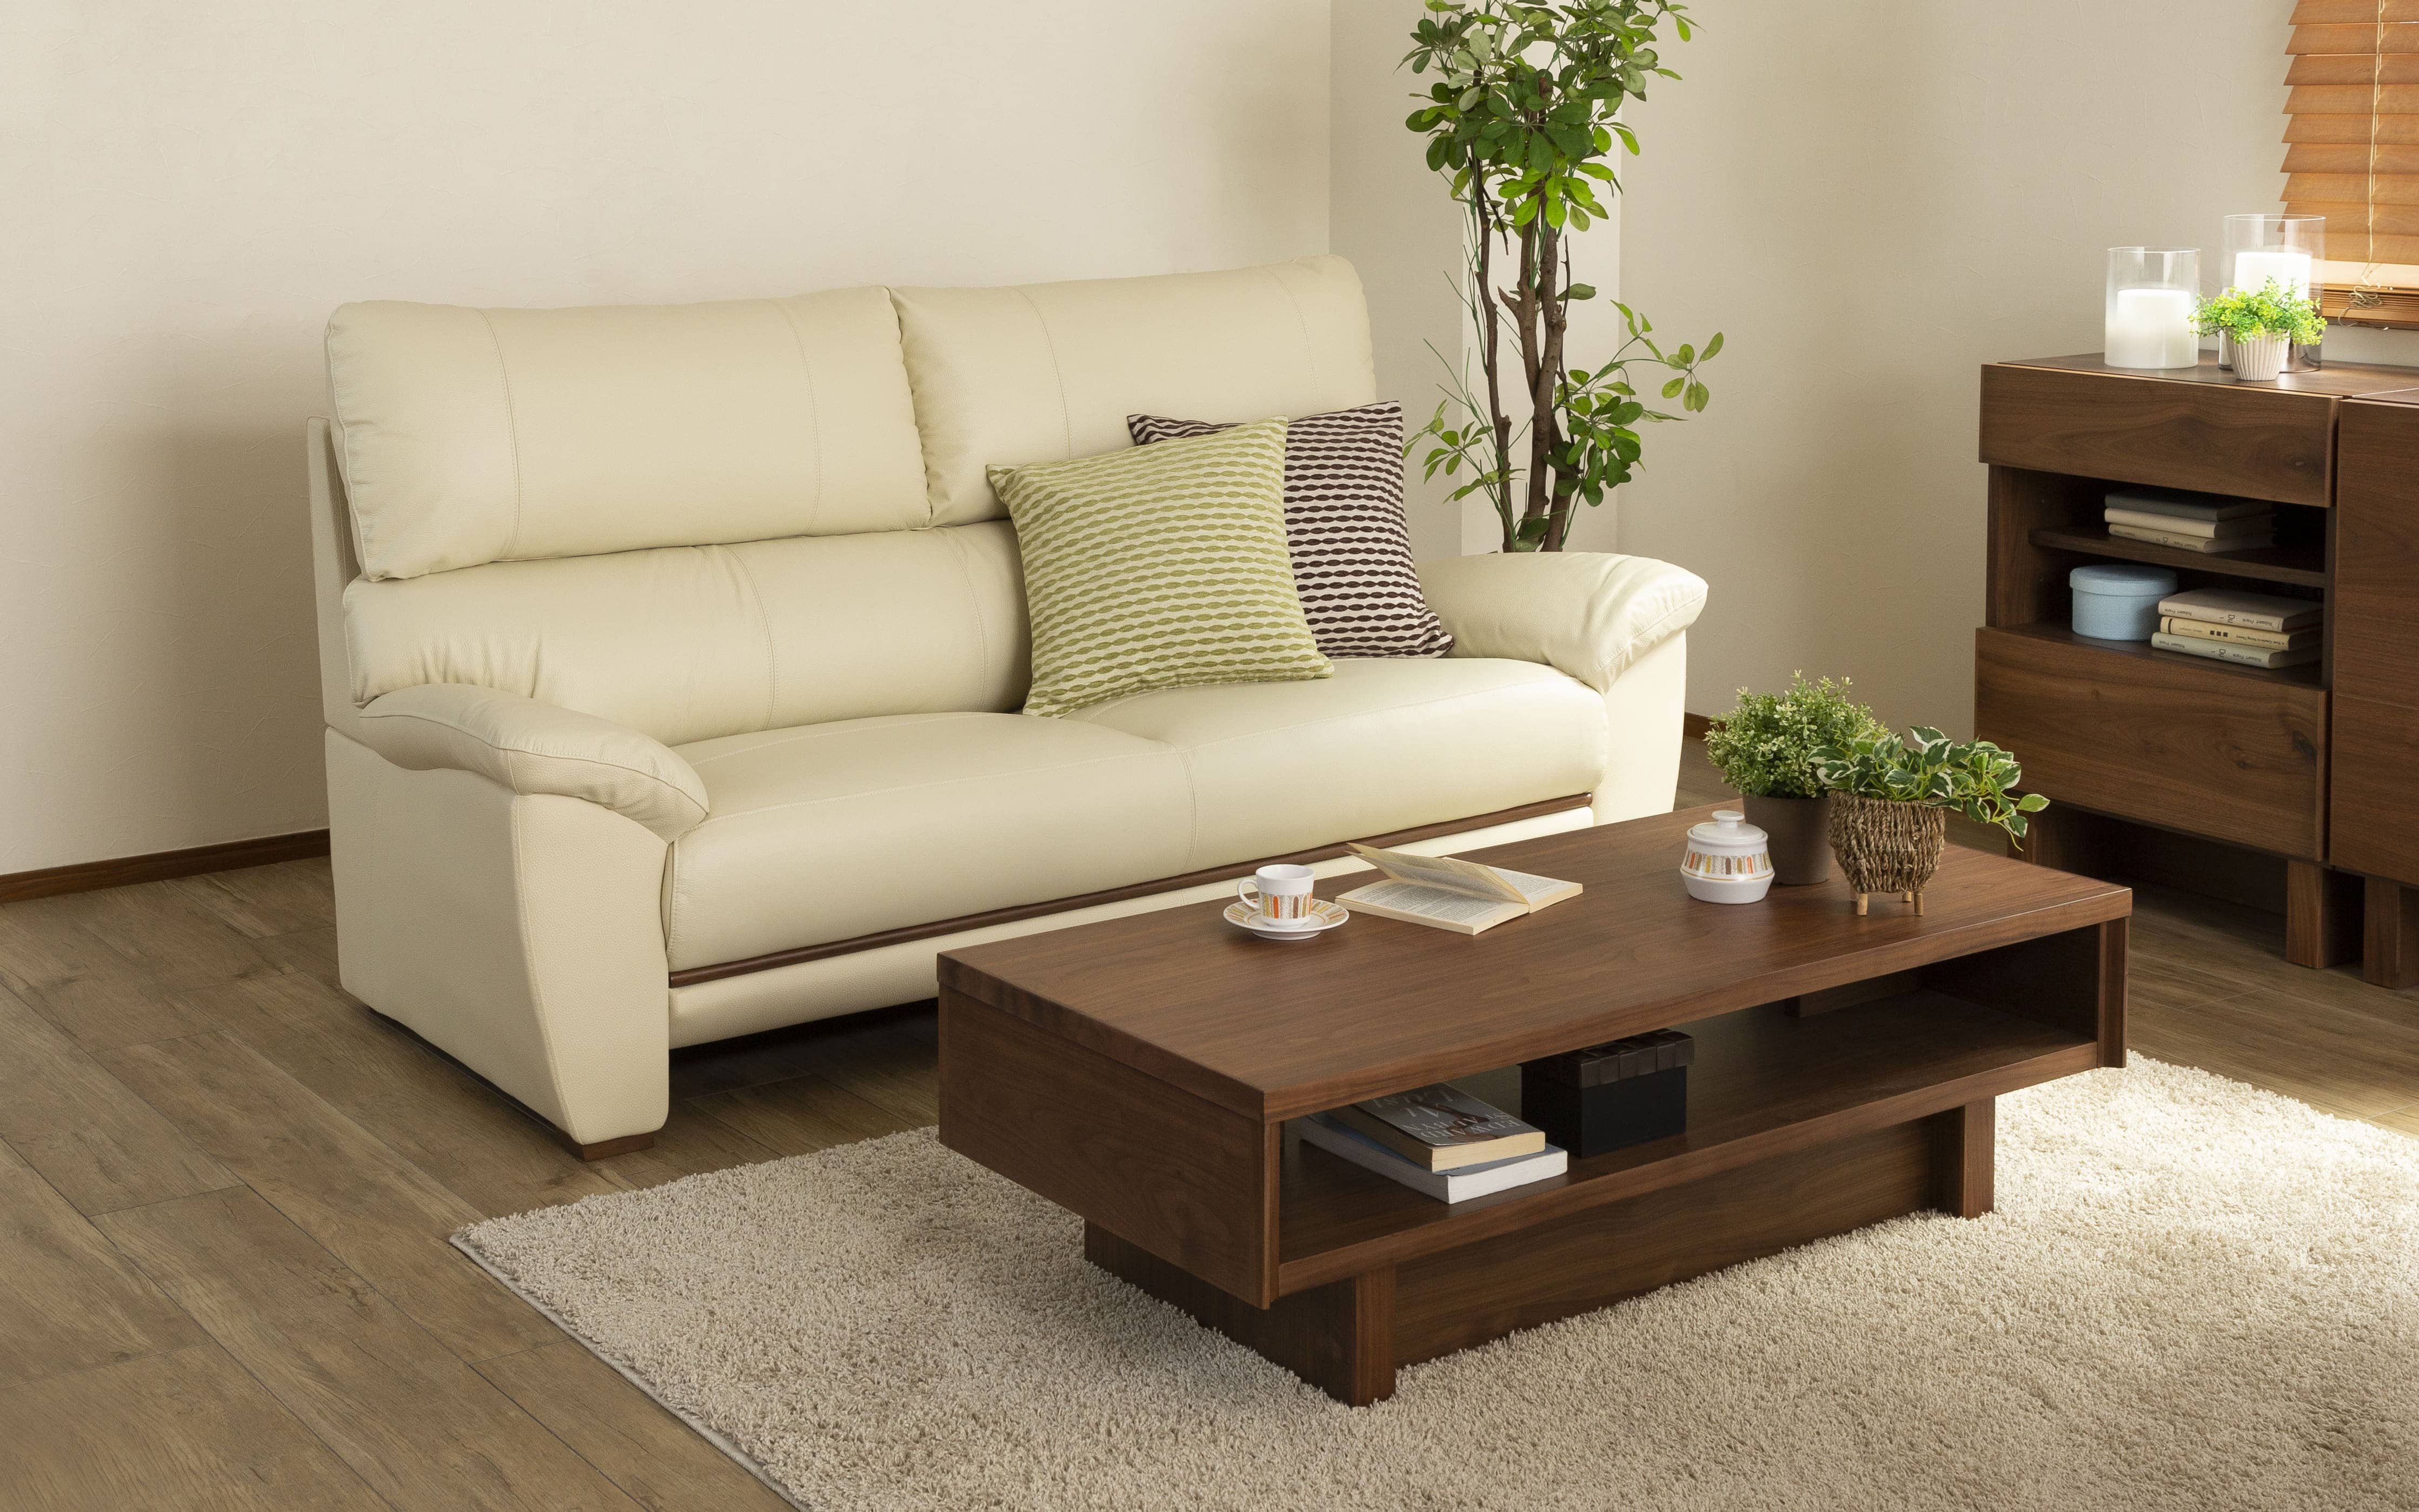 3人掛けソファ デビュー073ソフト3S DBR(本革DBR):お好みの座り心地を選べる上質ソファー